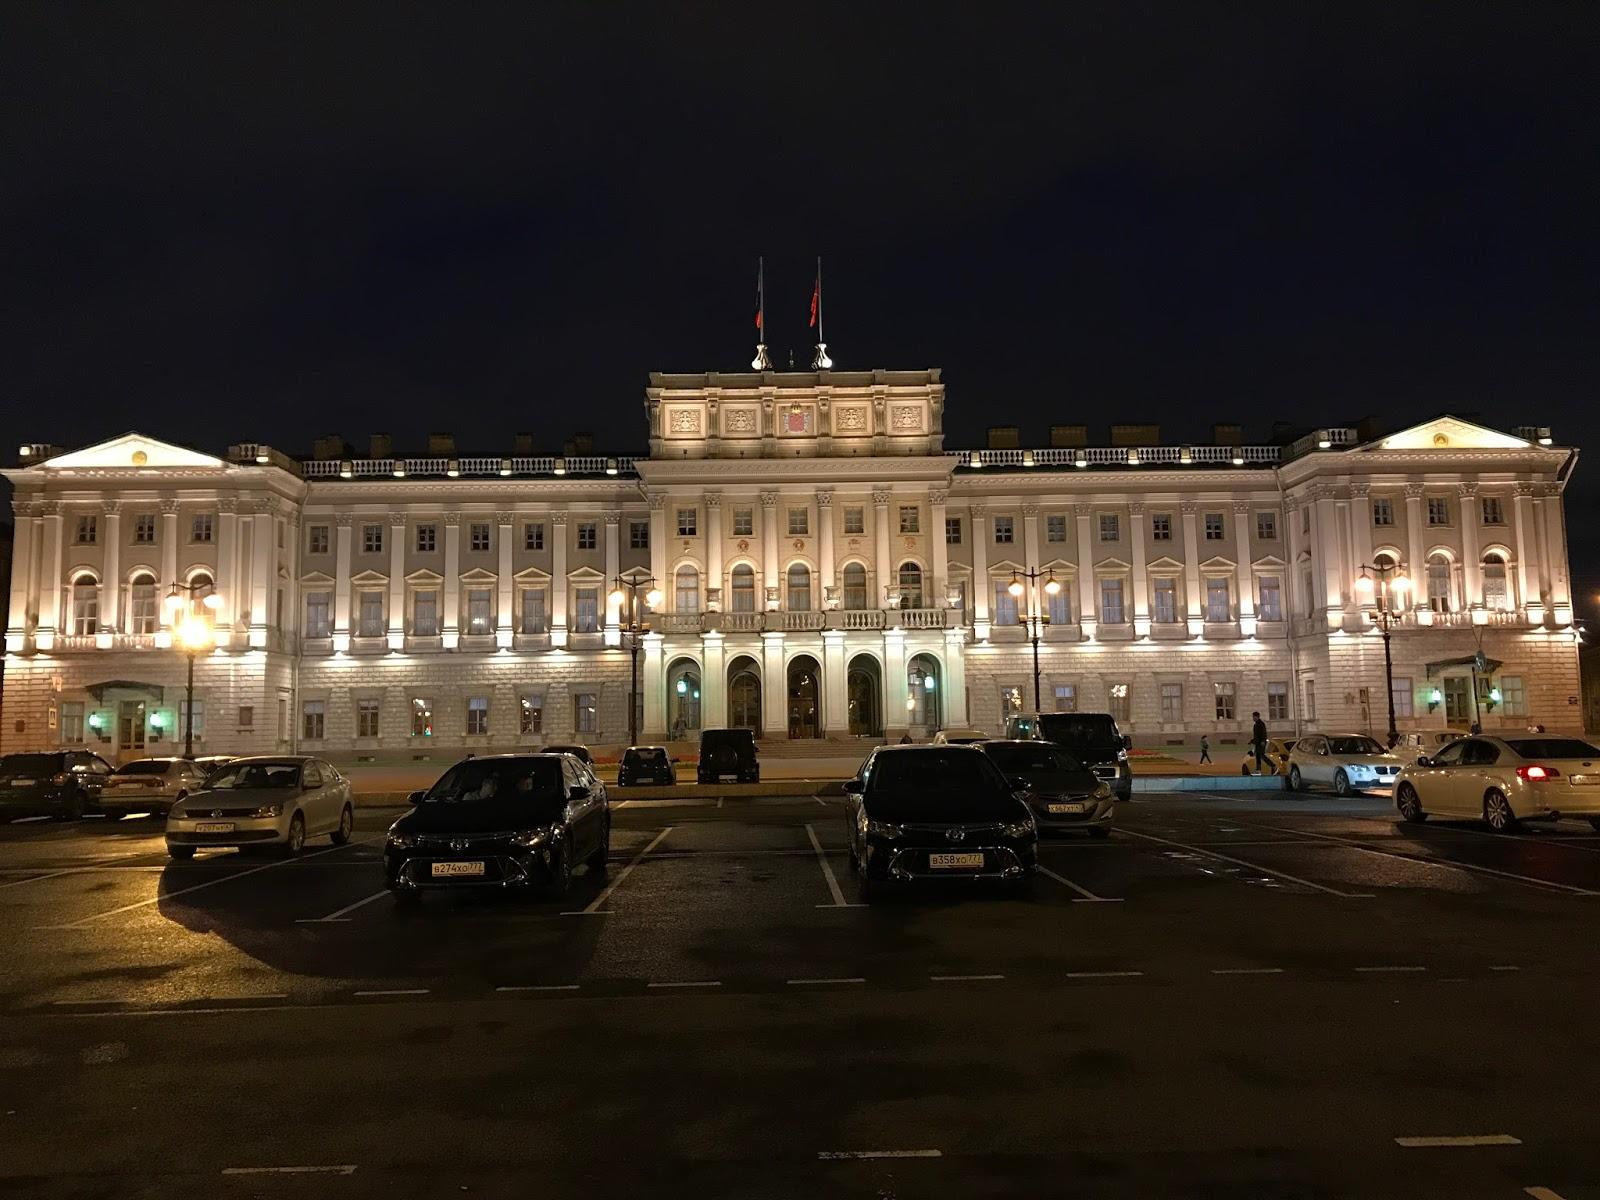 Palácio Mariinsky